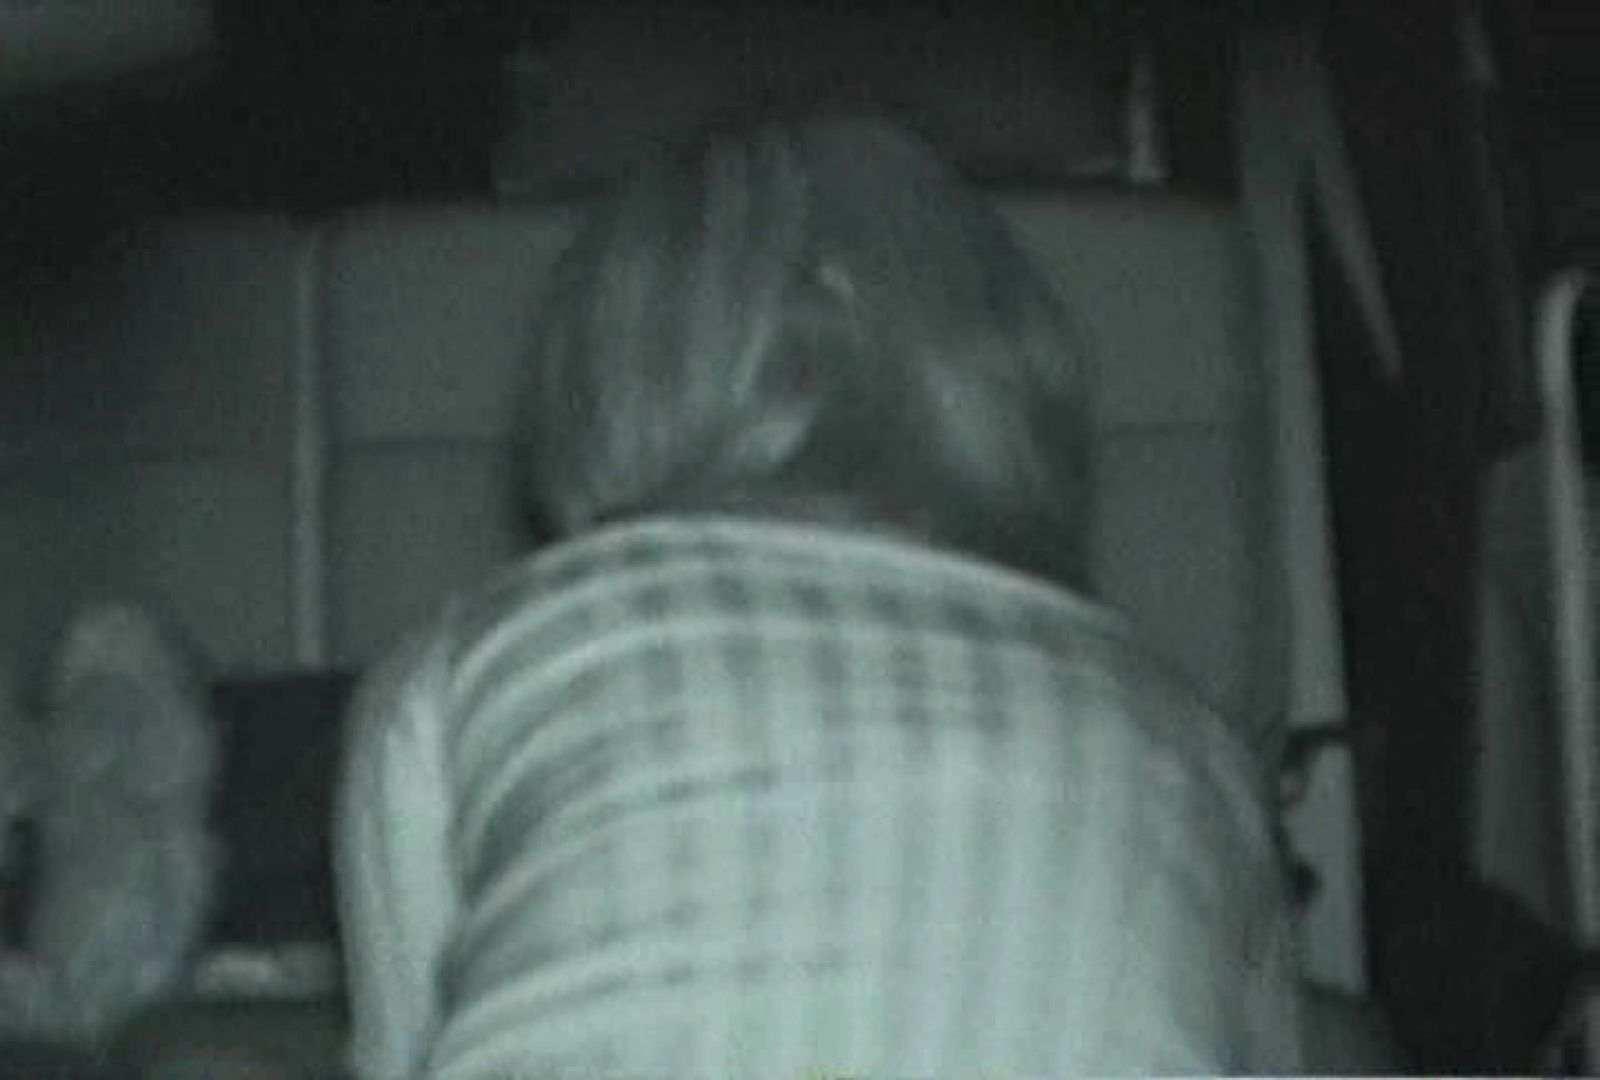 充血監督の深夜の運動会Vol.88 熟女のヌード すけべAV動画紹介 73画像 68